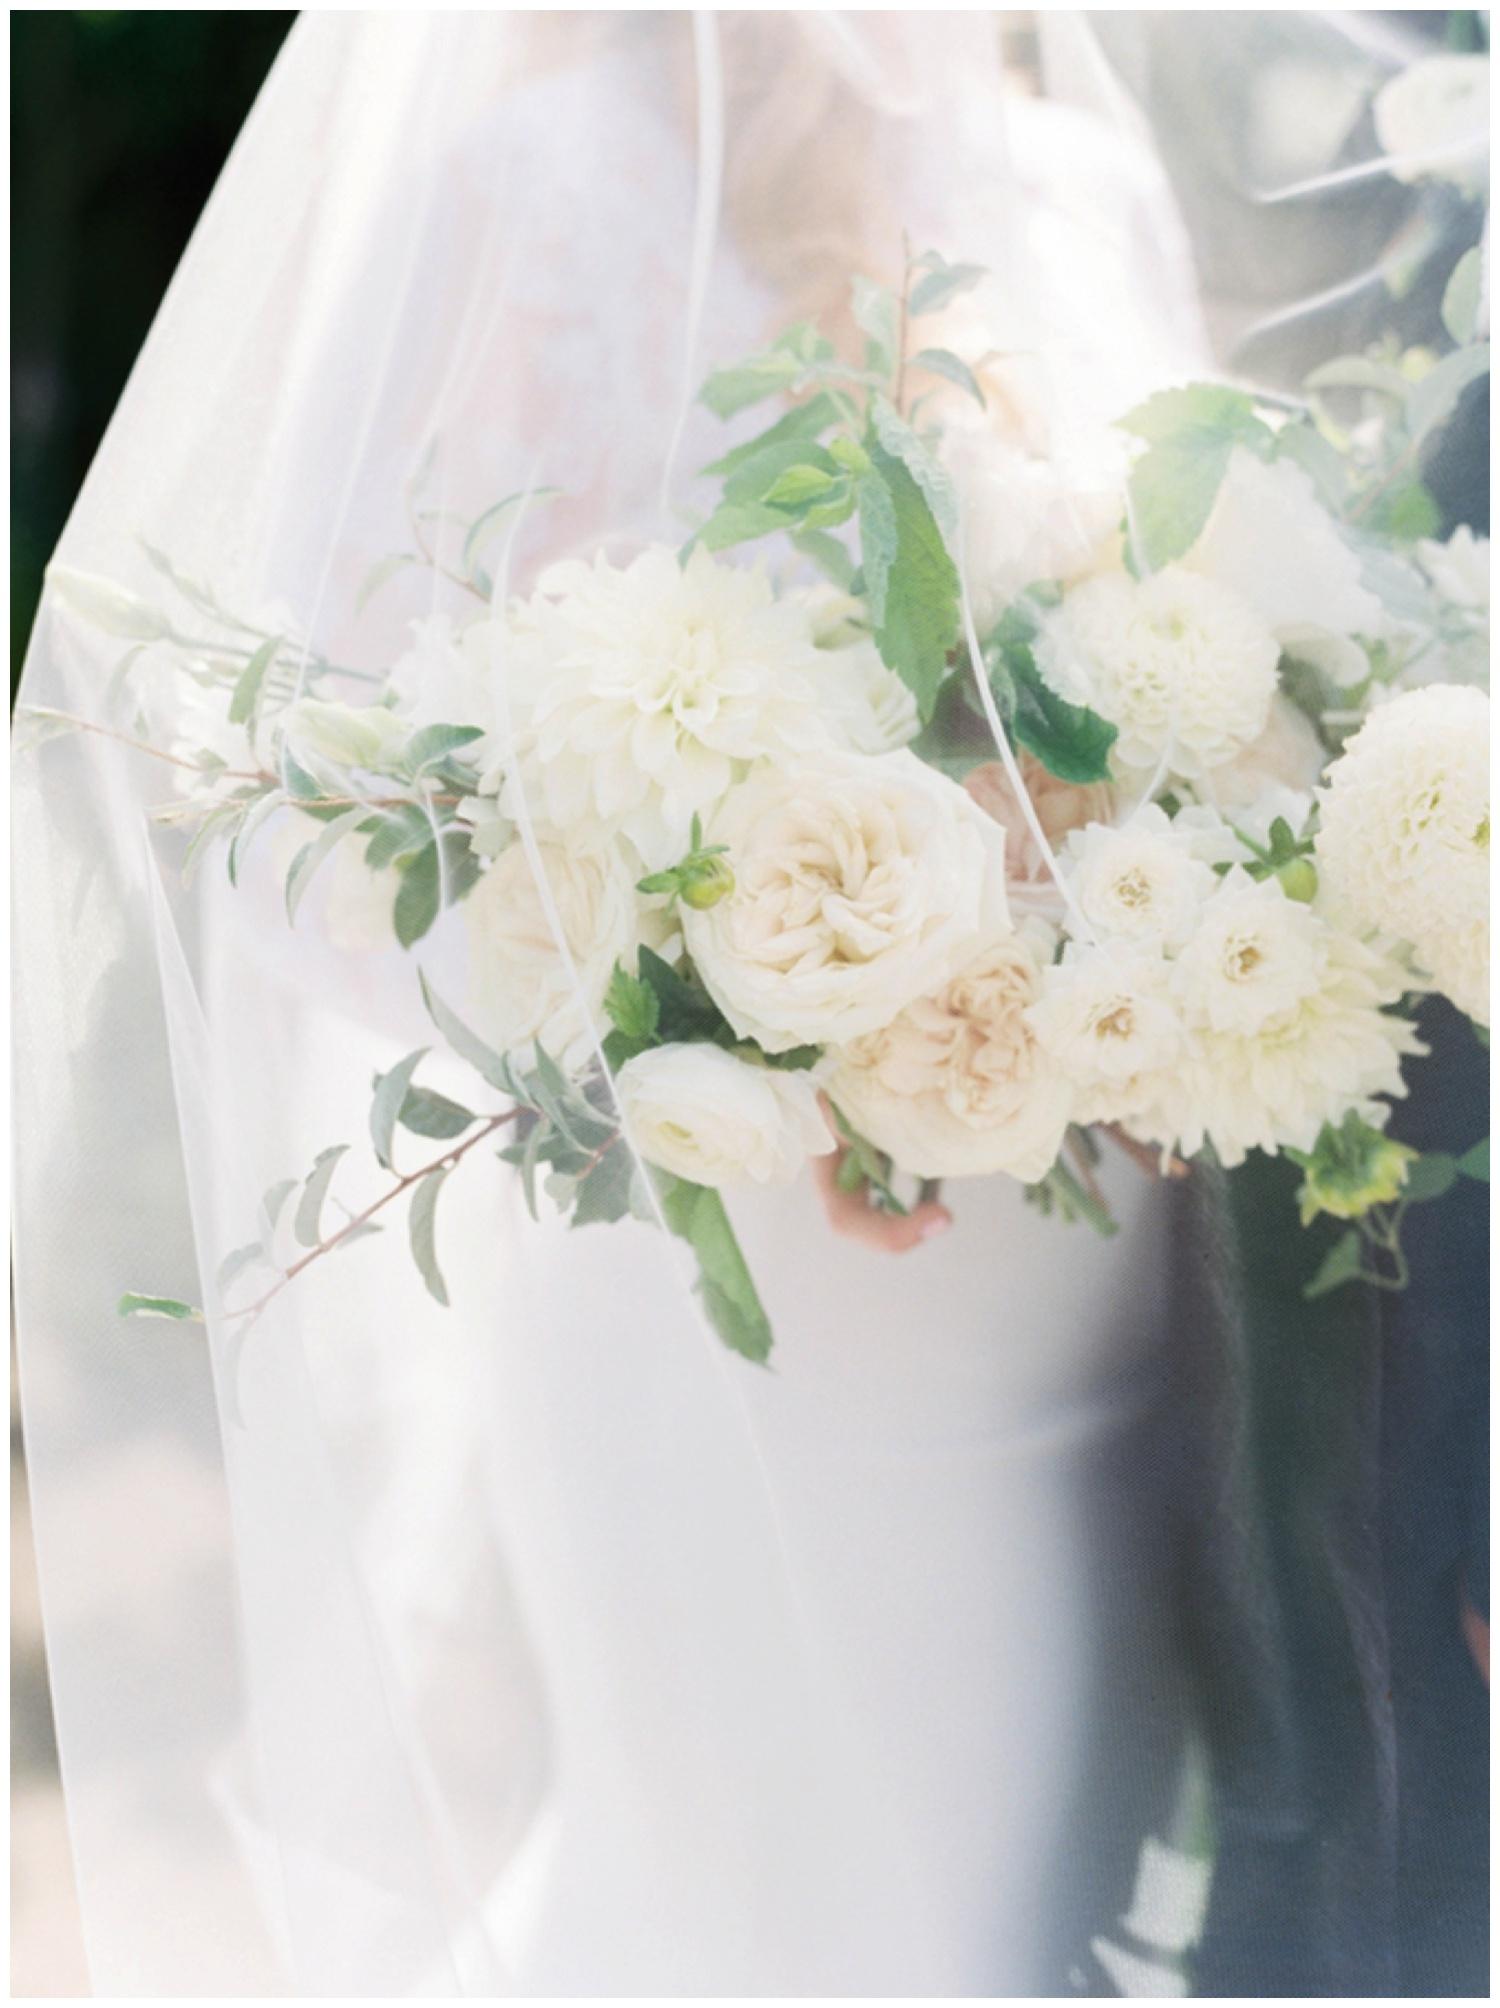 Portland_Oregon_Wedding_Planner_Portland_Florist_Oregon_Golf_club_Wedding_3.jpg